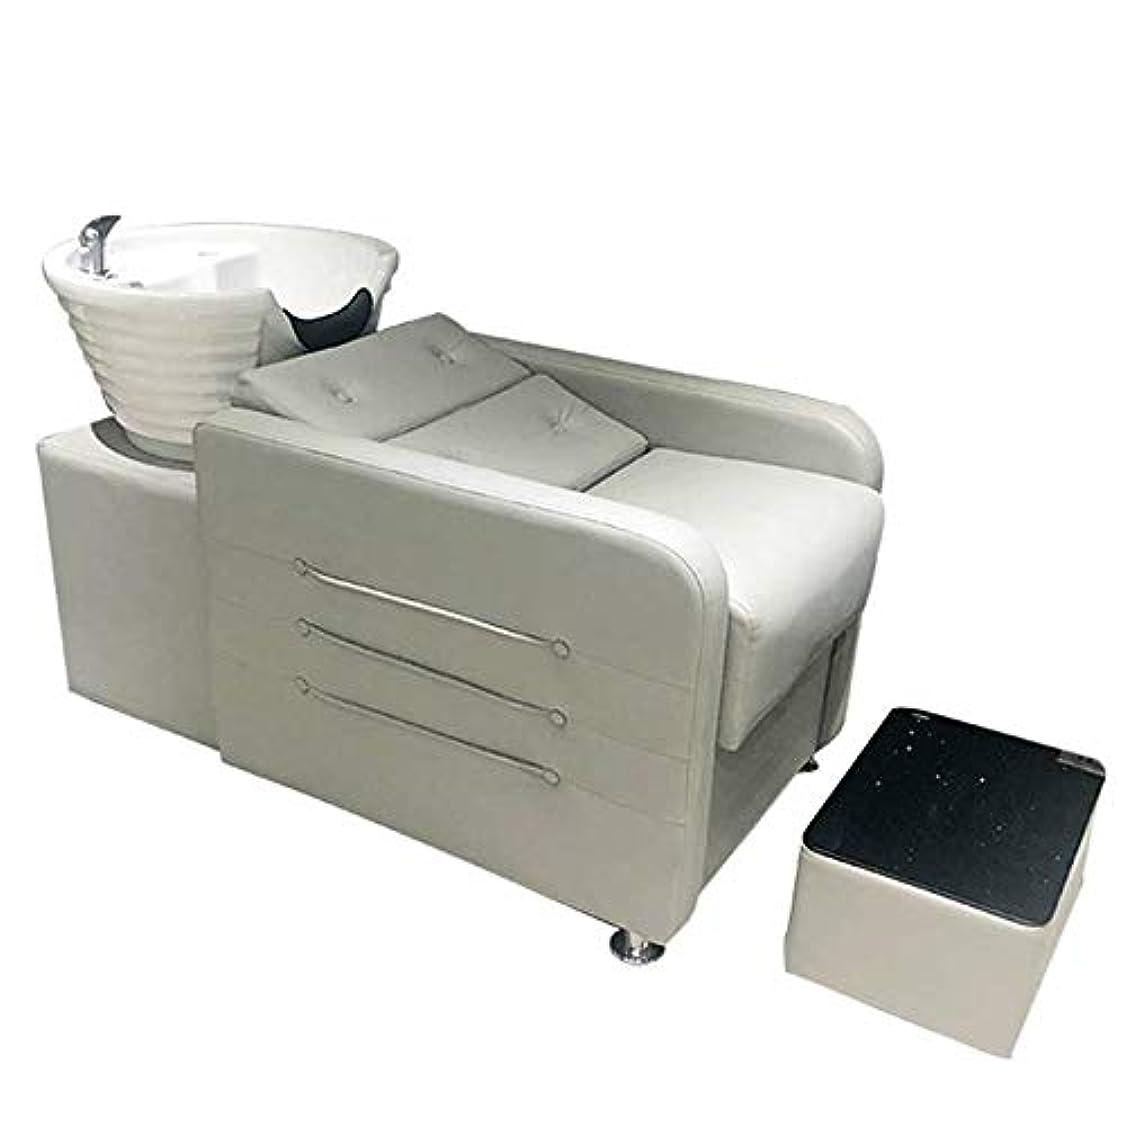 冷ややかな変数記念品シャンプーチェア、 逆洗ユニットシャンプーボウル理髪シンク椅子用スパビューティーサロンフラッシュベッド(グレー)